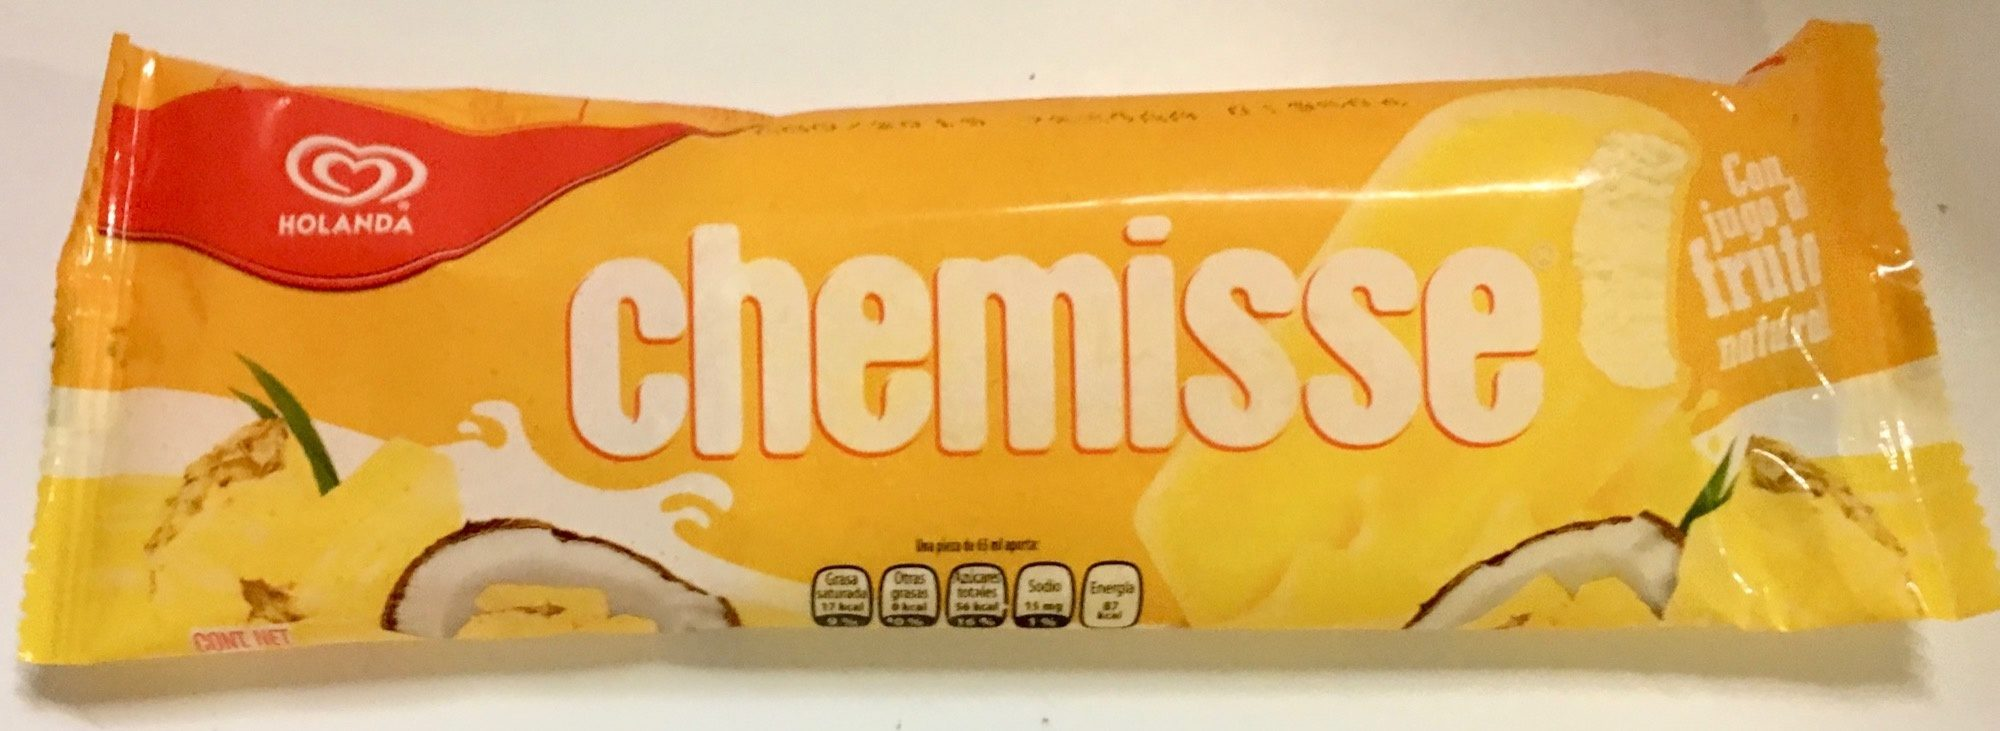 Paleta Chemisse Holanda - Product